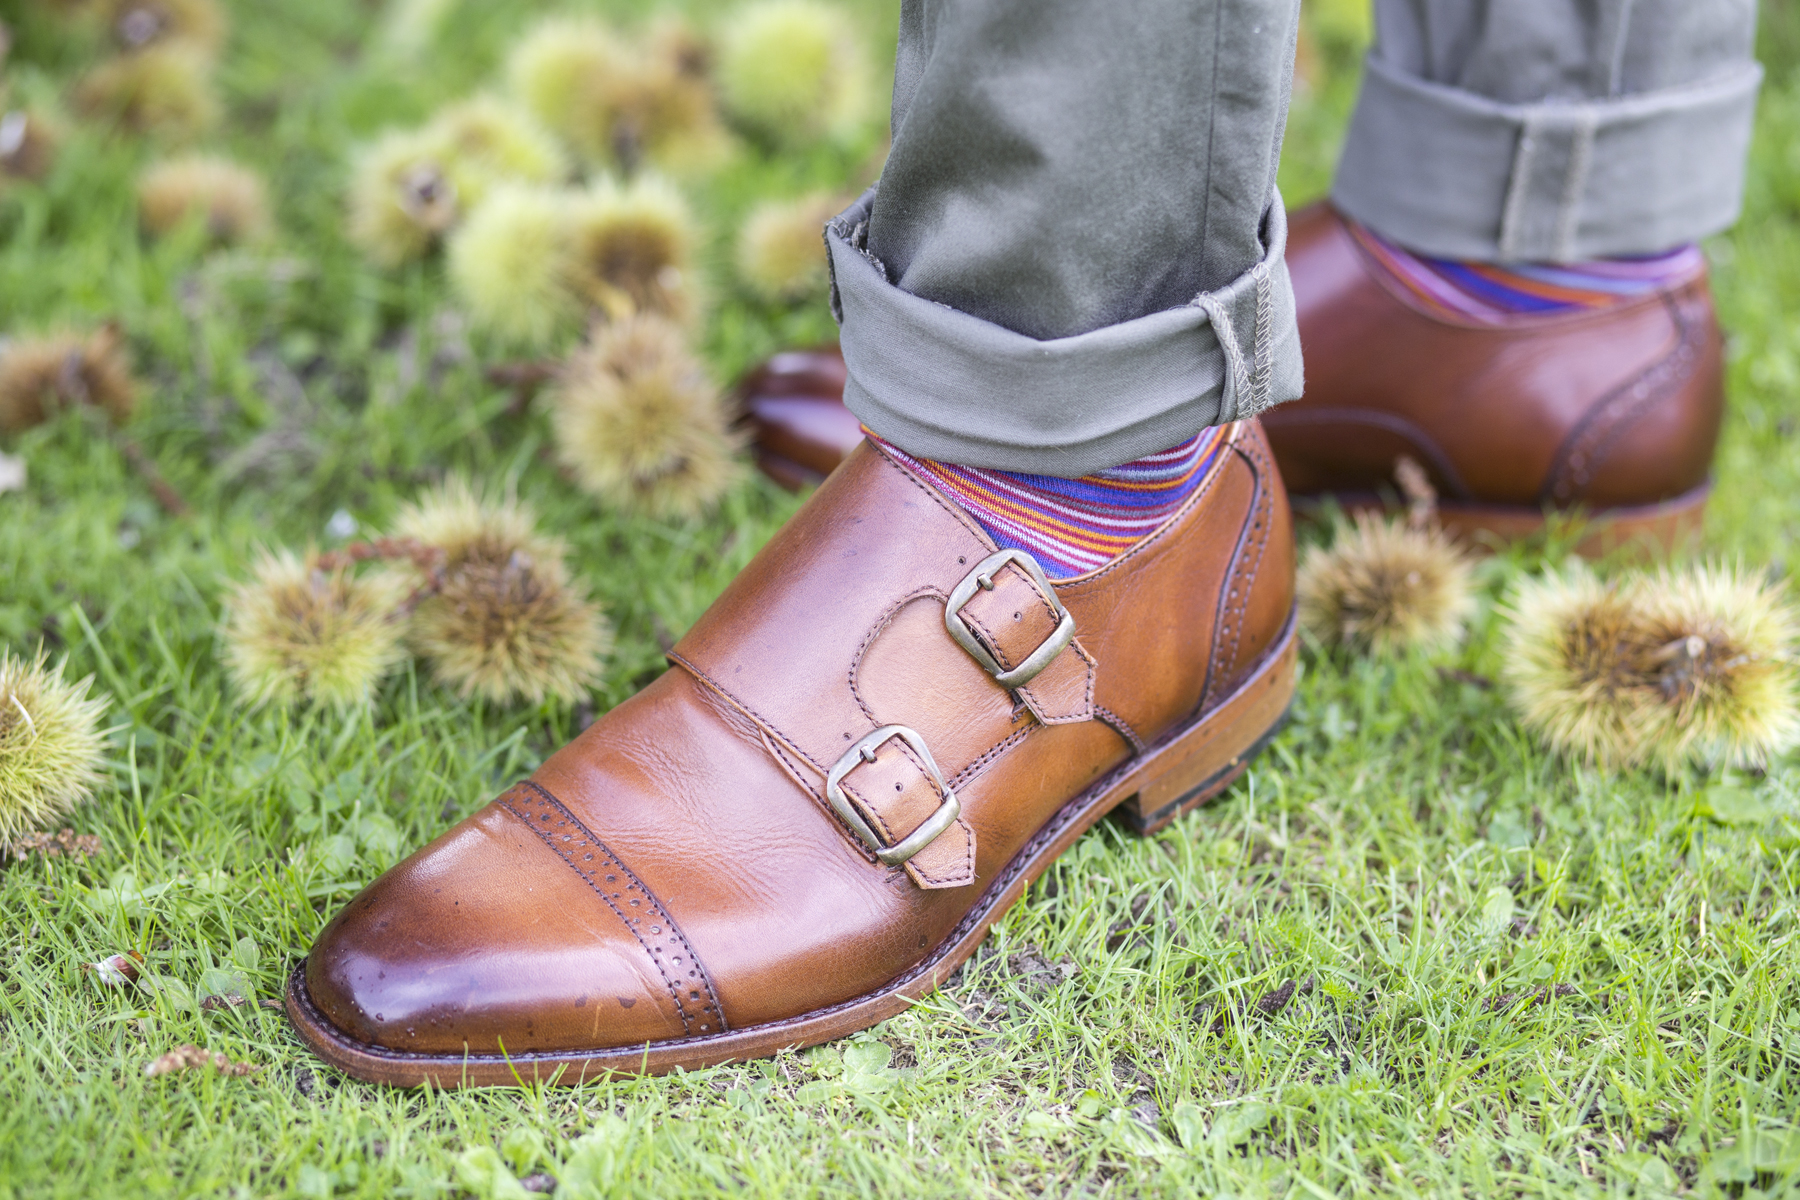 double monk strap